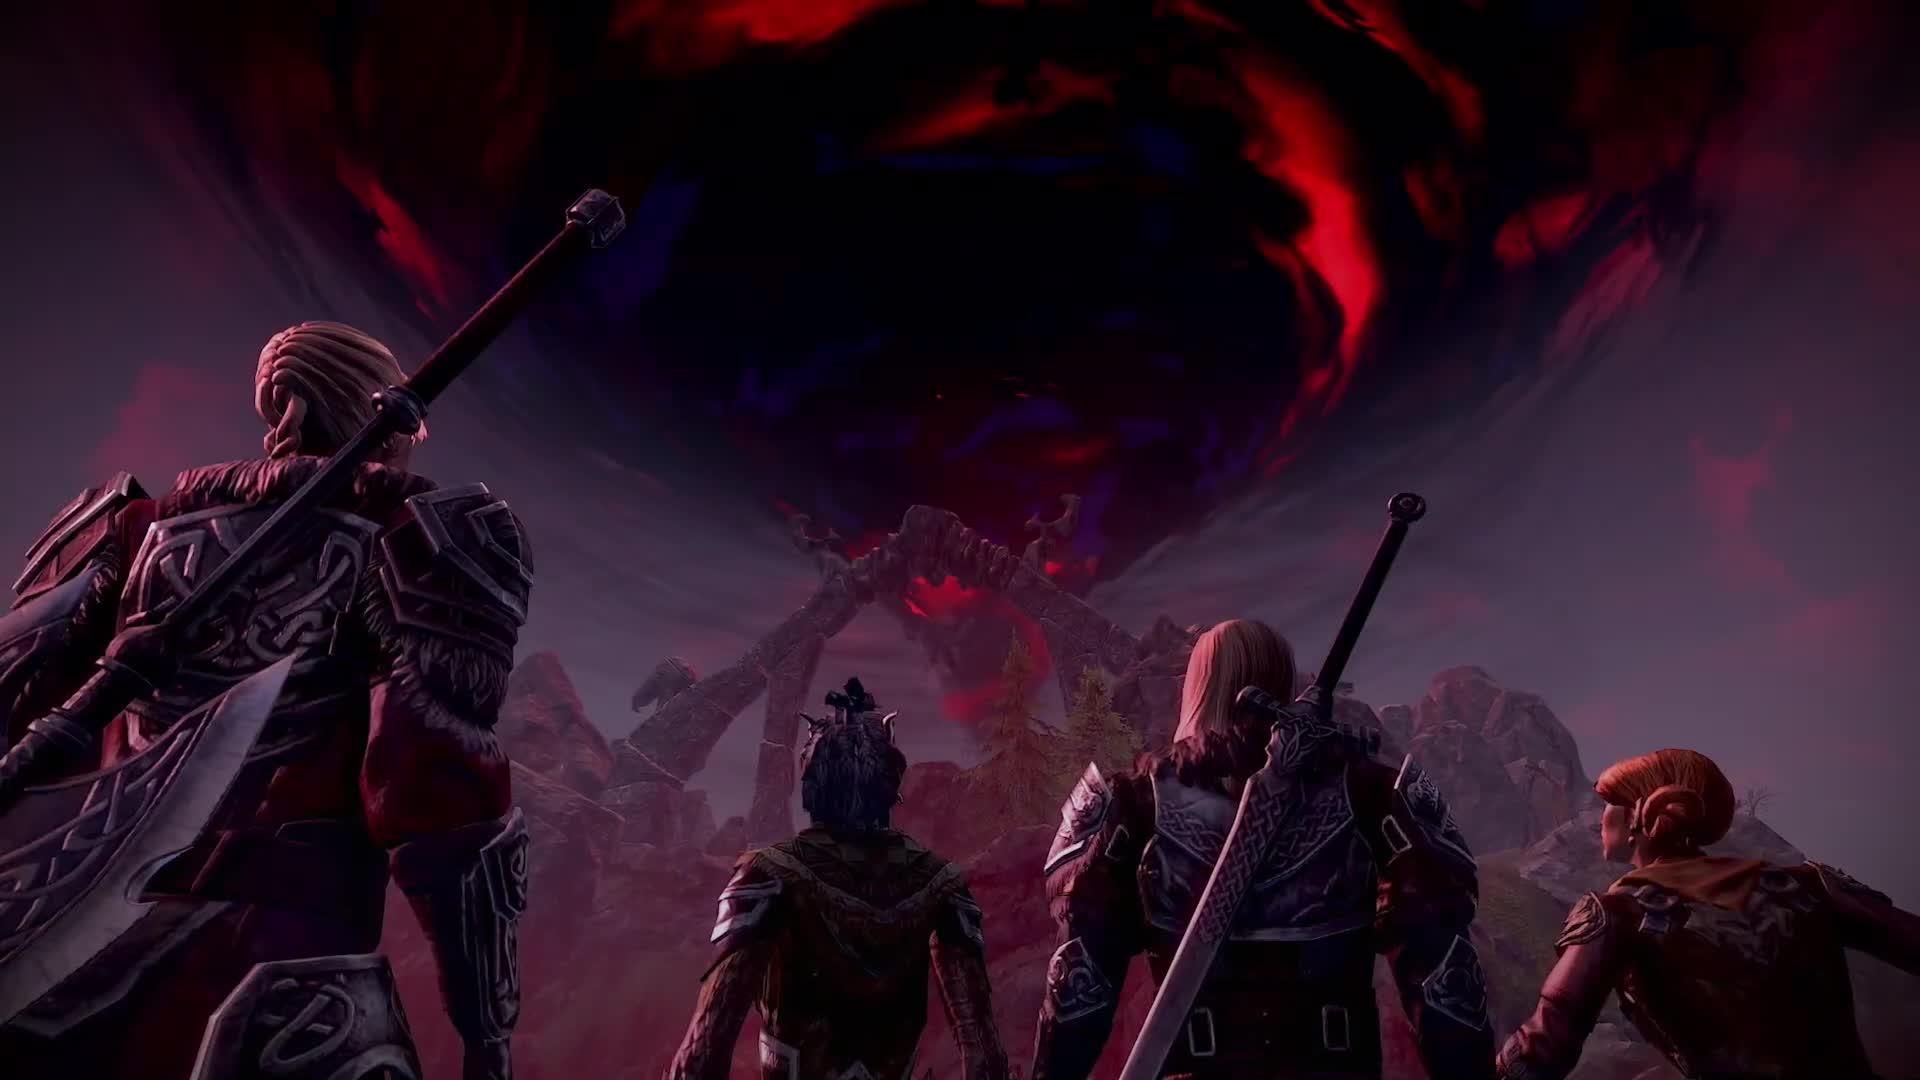 Trailer, Online-Spiele, Mmorpg, Mmo, Bethesda, Online-Rollenspiel, The Elder Scrolls Online, Bethesda Softworks, Greymoor